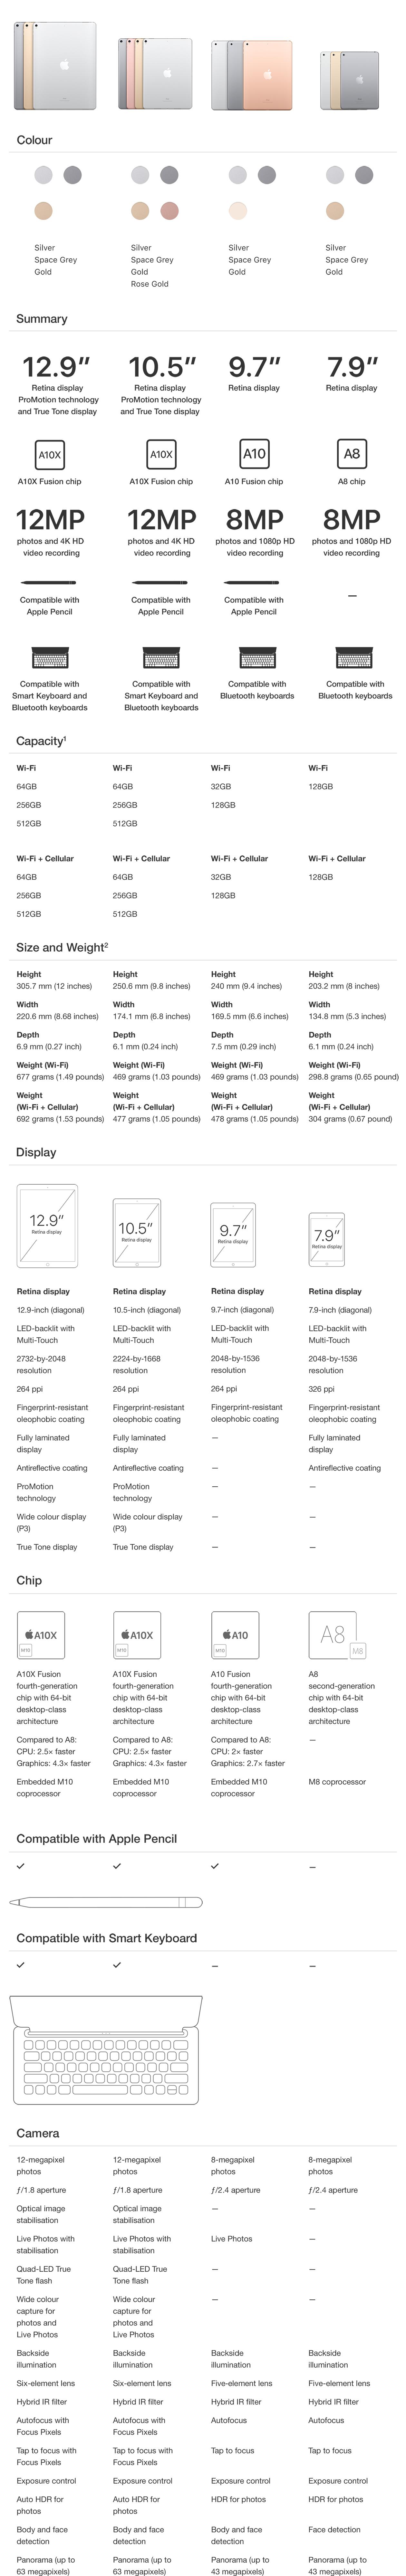 [Compare iPad models]